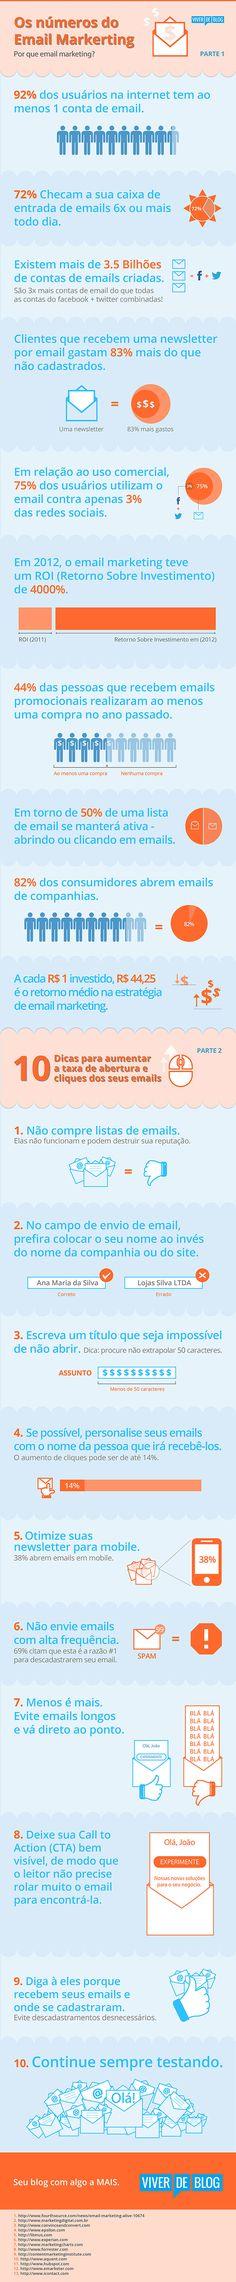 #Infográfico — Os Números do Email Marketing (e 10 dicas para melhorar sua estratégia) dica do @Henrique Carvalho